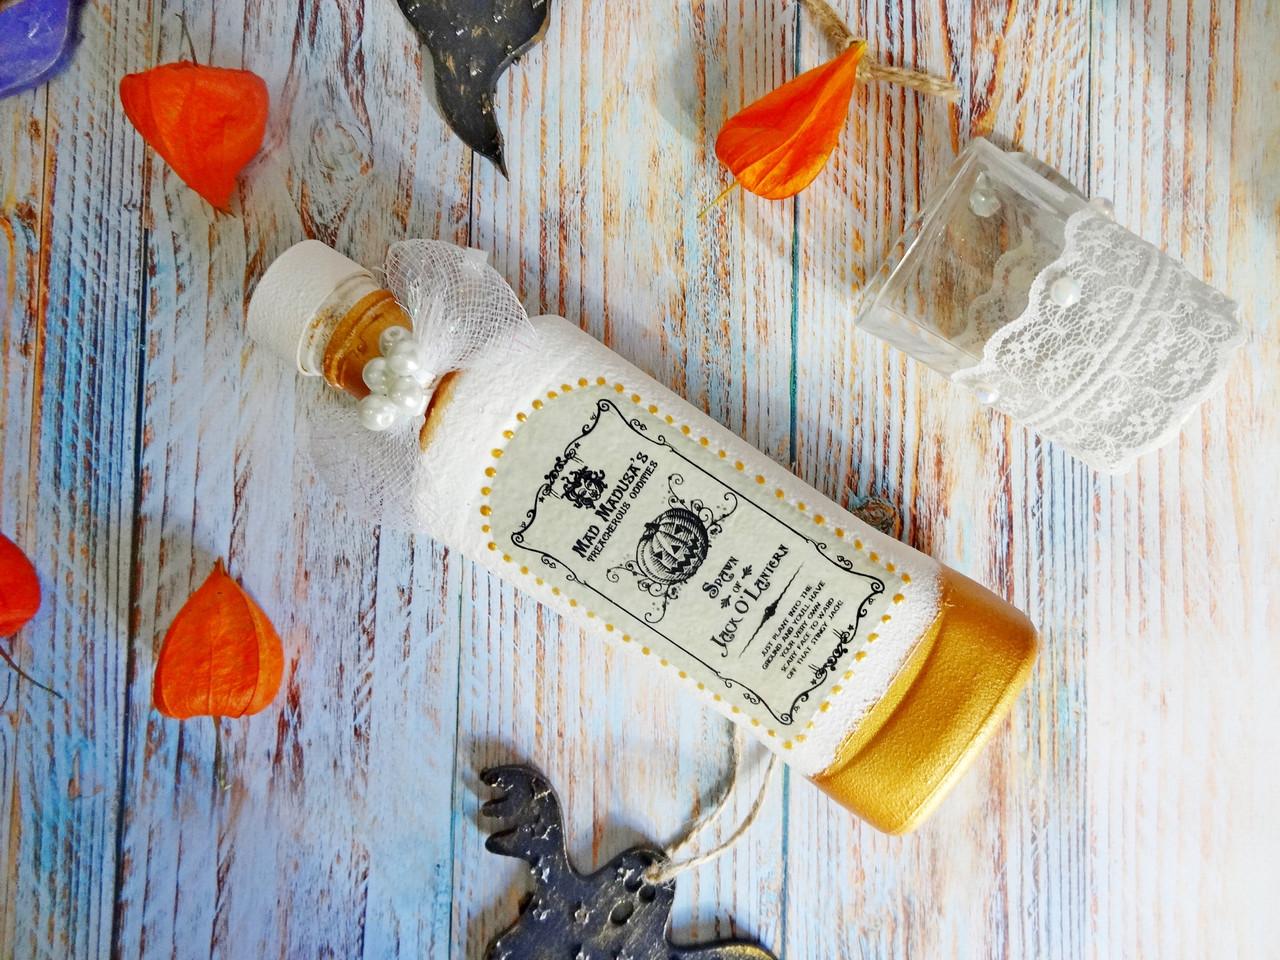 Белая красная магическая бутылка Helloween. Подарок, декор, атрибут, украшение на Хэллоуин